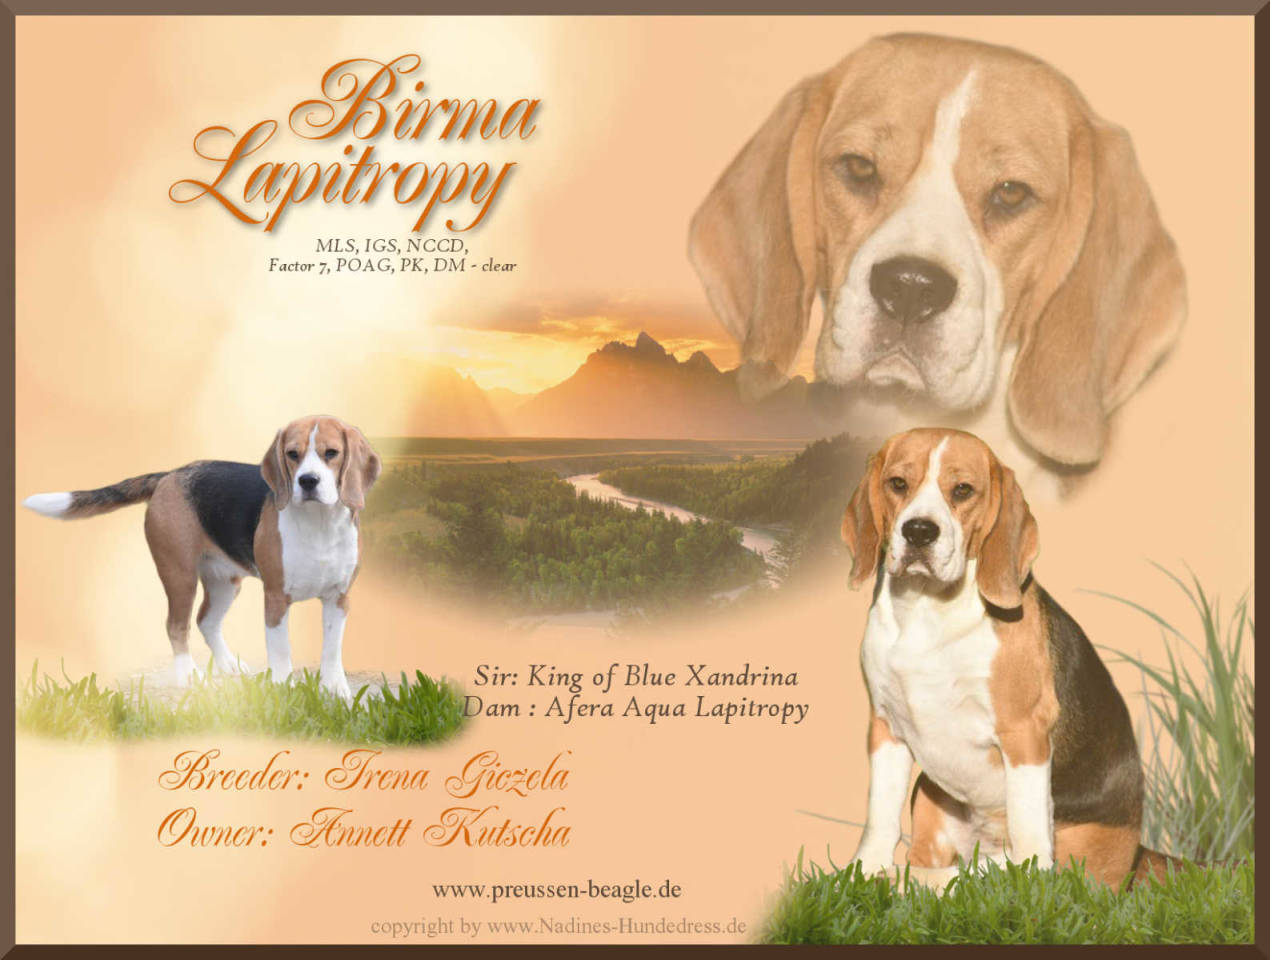 Beagle Birma Lapitropy Rüdenpräsentation